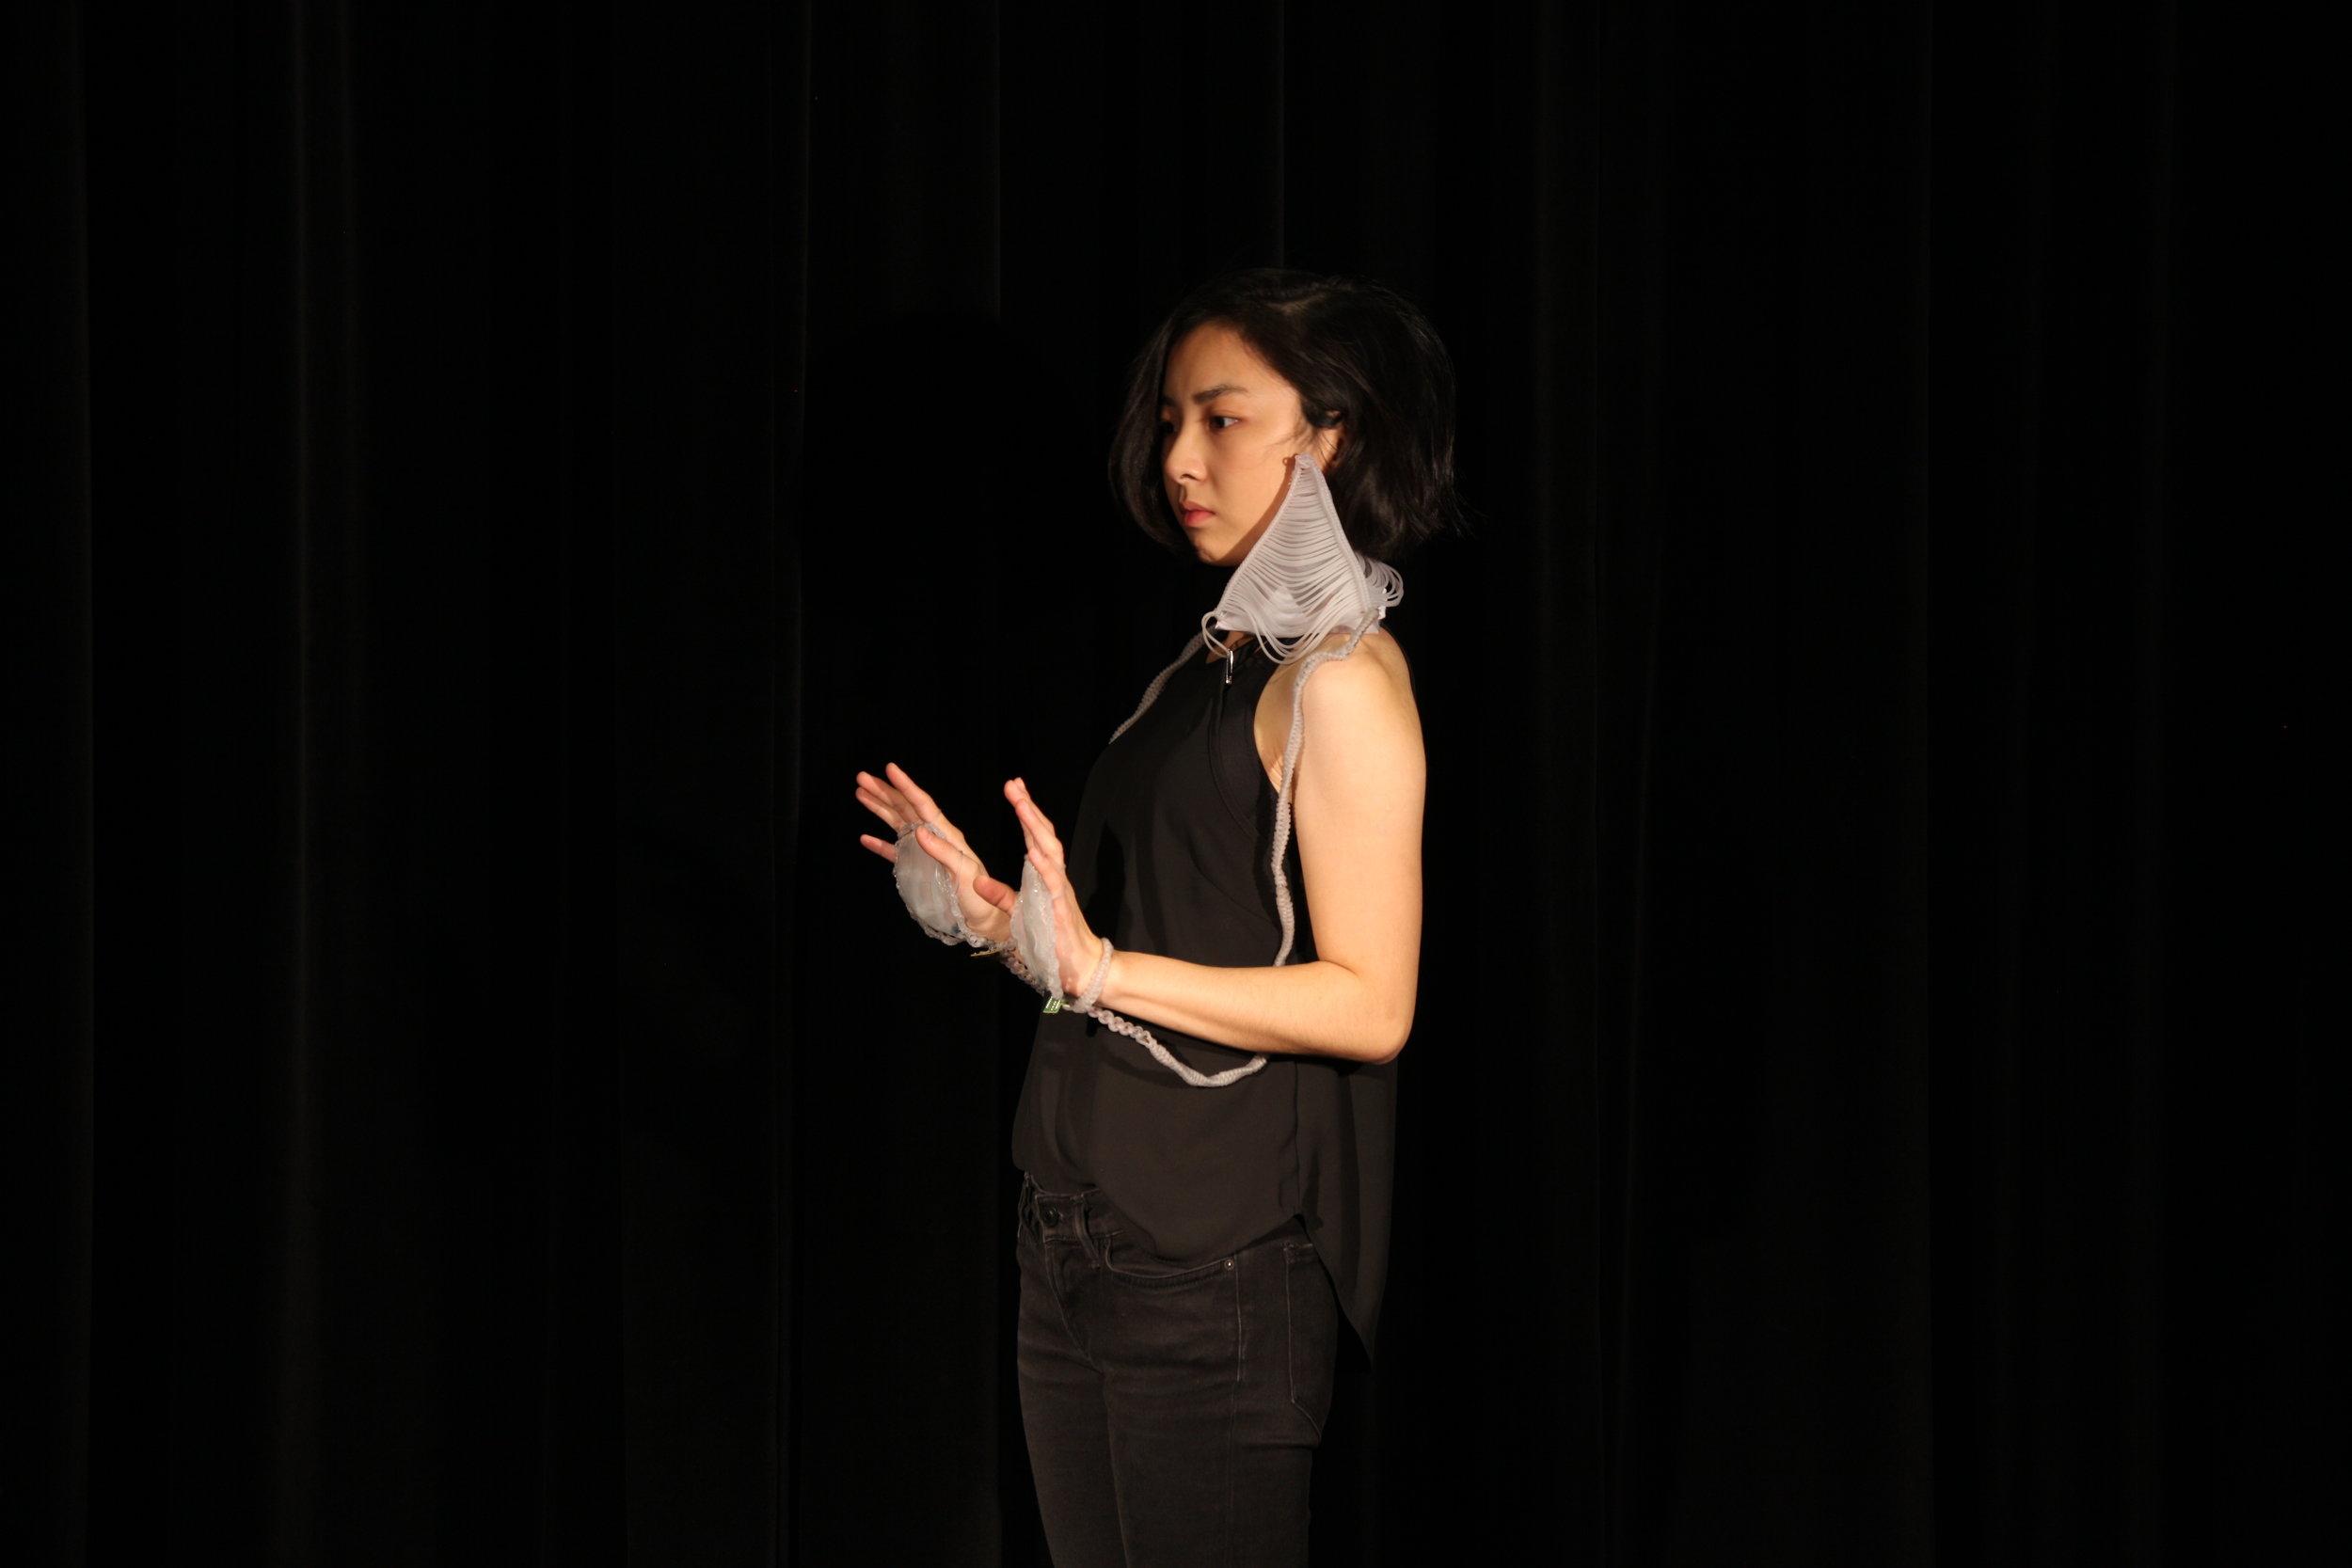 Chun Shao